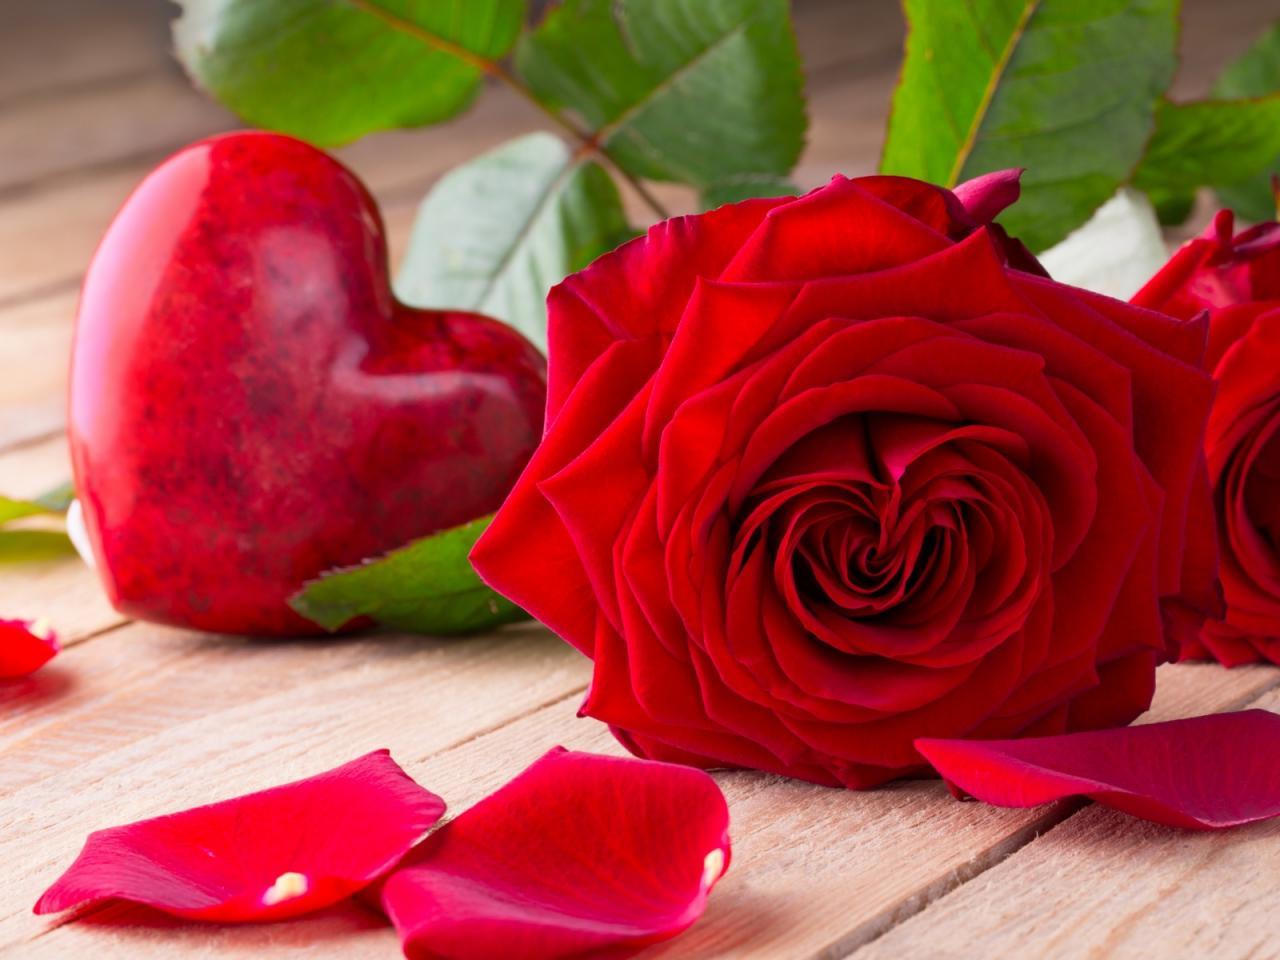 صورة اجمل صور الورد الاحمر , روعة الورد الاحمر وجماله